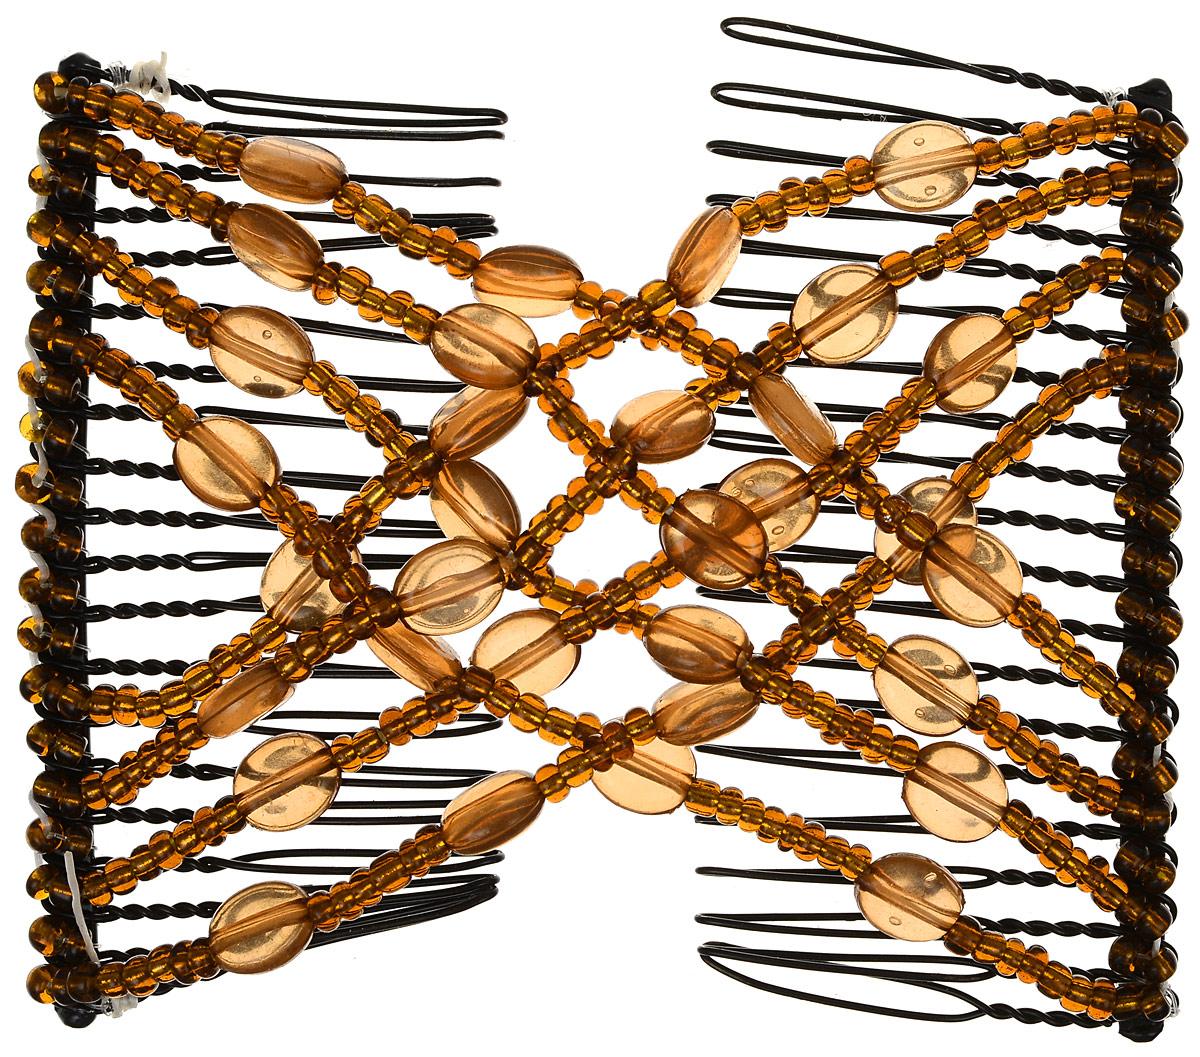 EZ-Combs Заколка Изи-Комбс, одинарная, цвет: коричневый. ЗИО_овалы